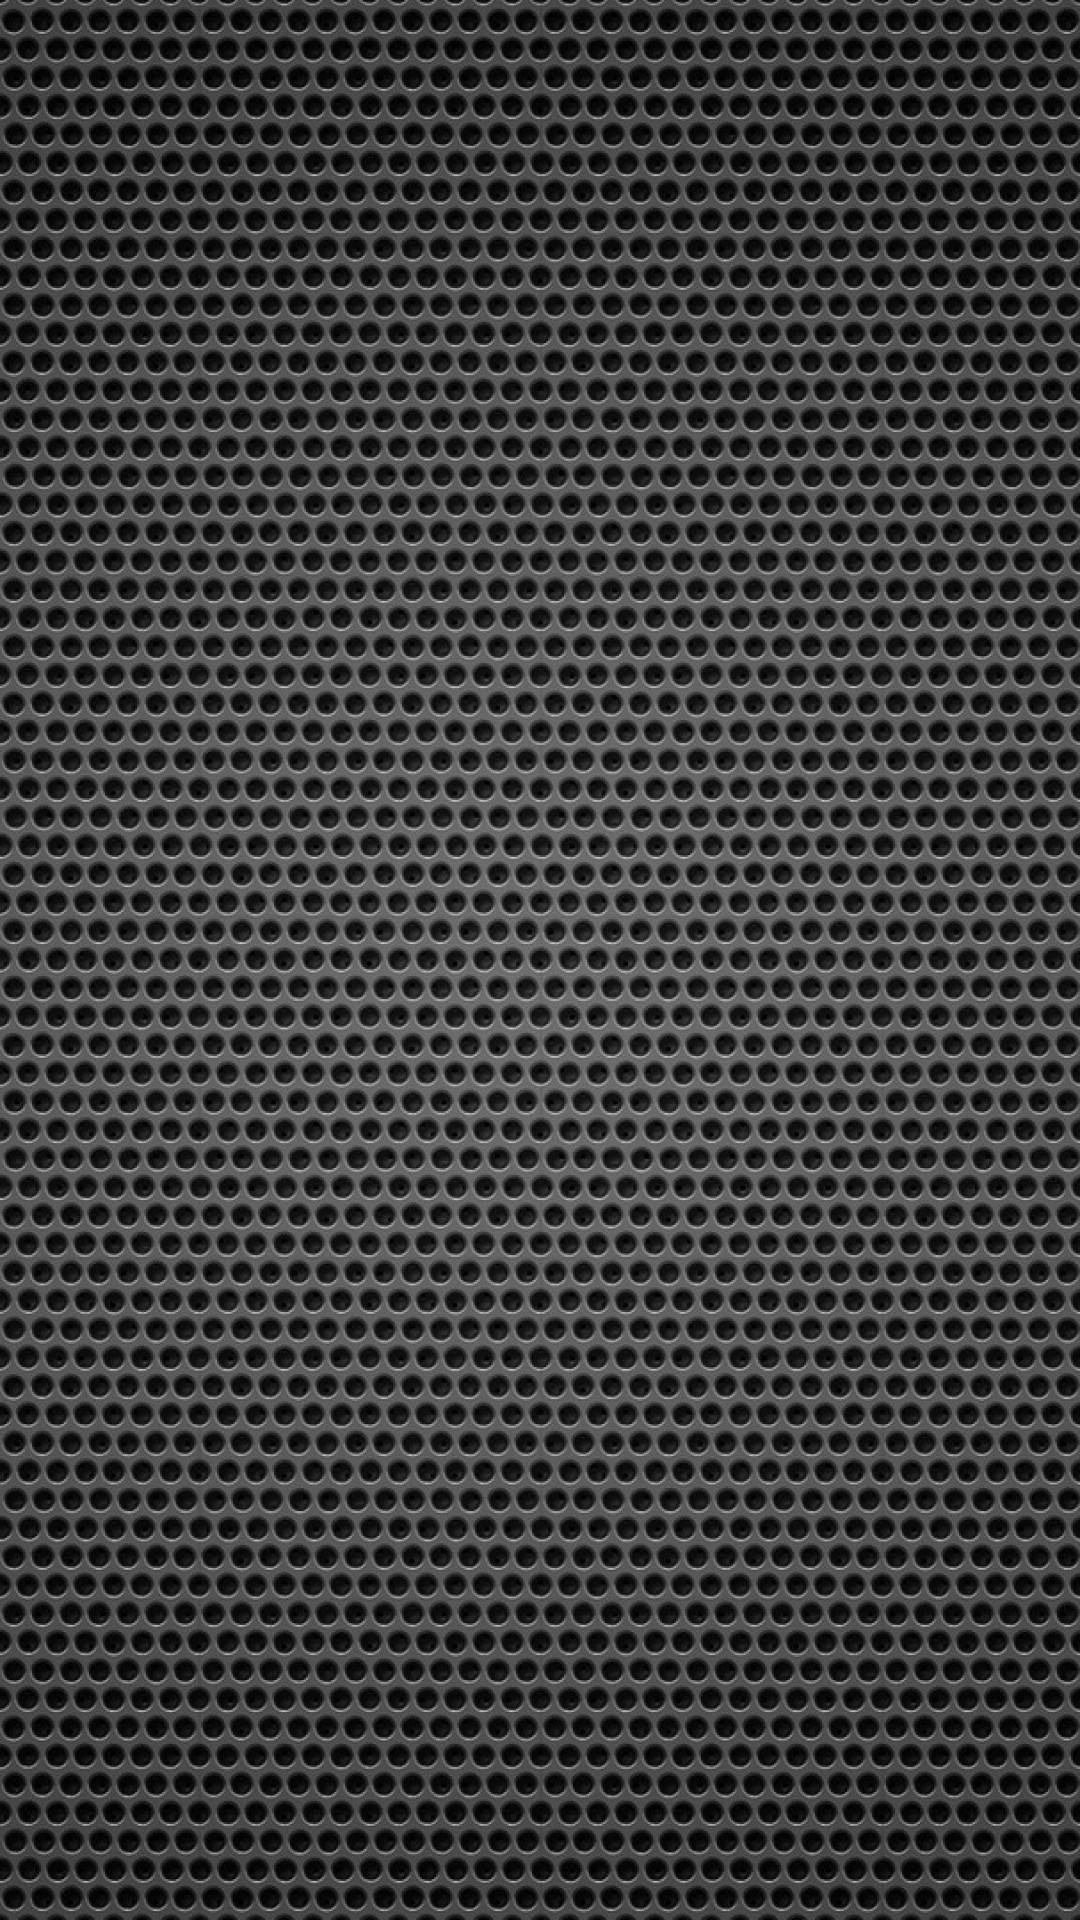 Black Wallpaper Iphone 7 Plus Dark Metal Wallpaper 61 Images